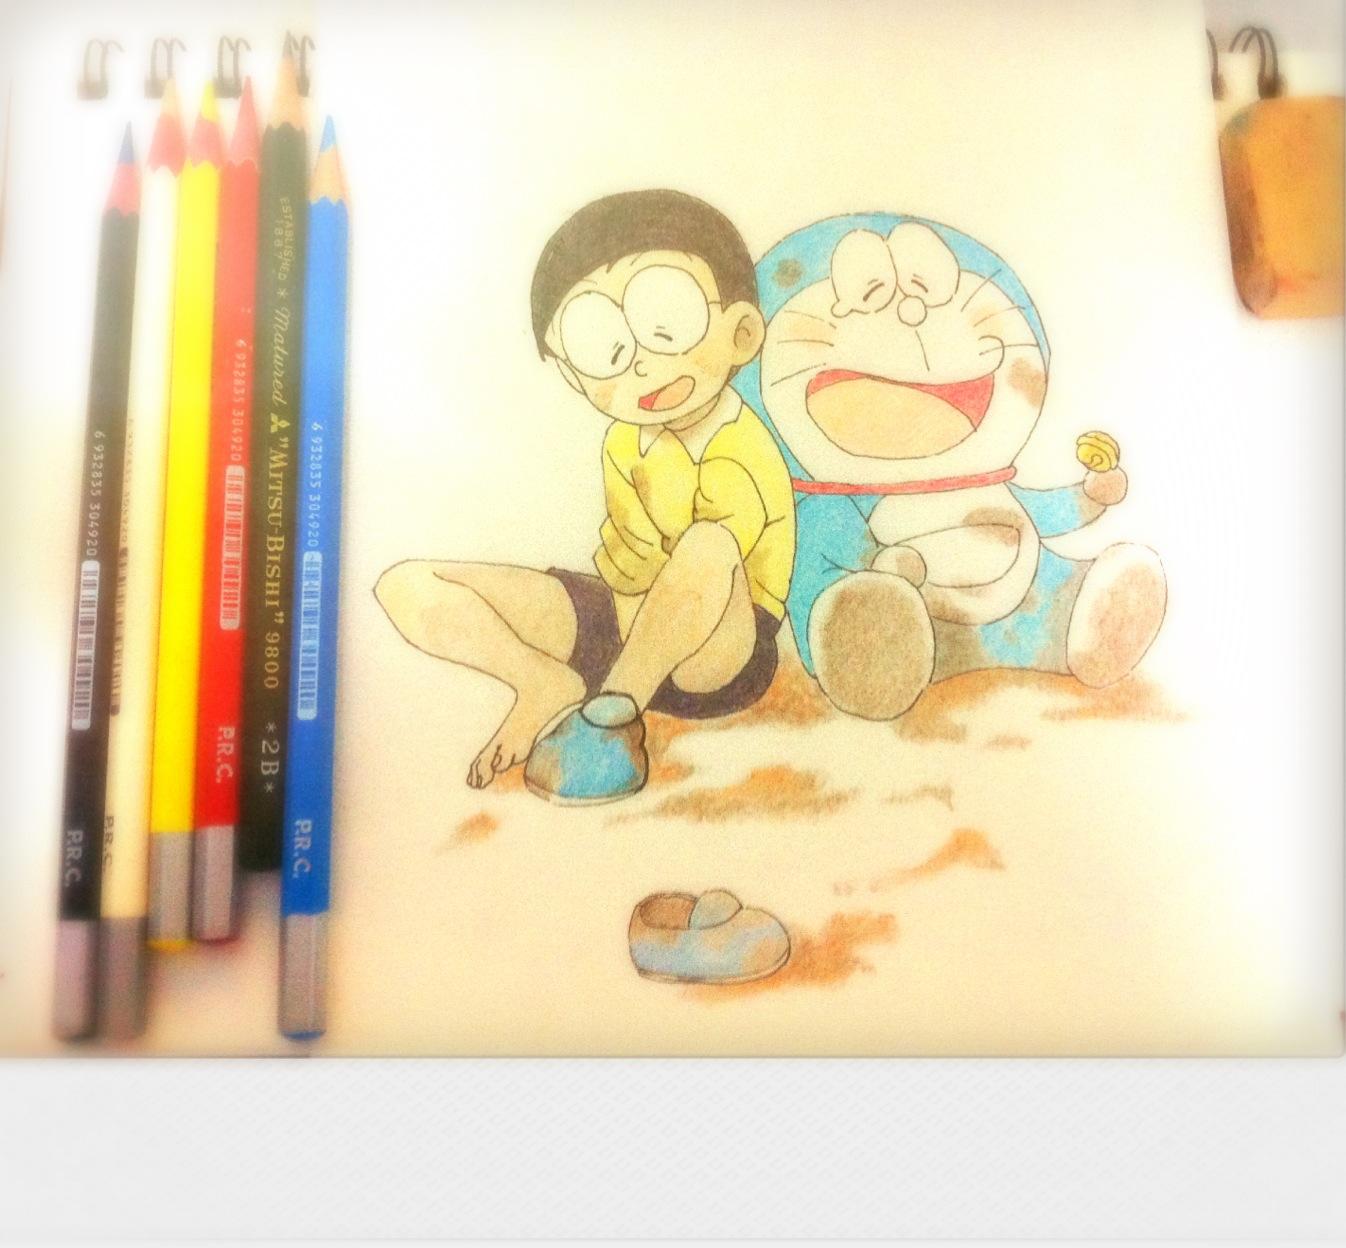 彩铅手绘小插画